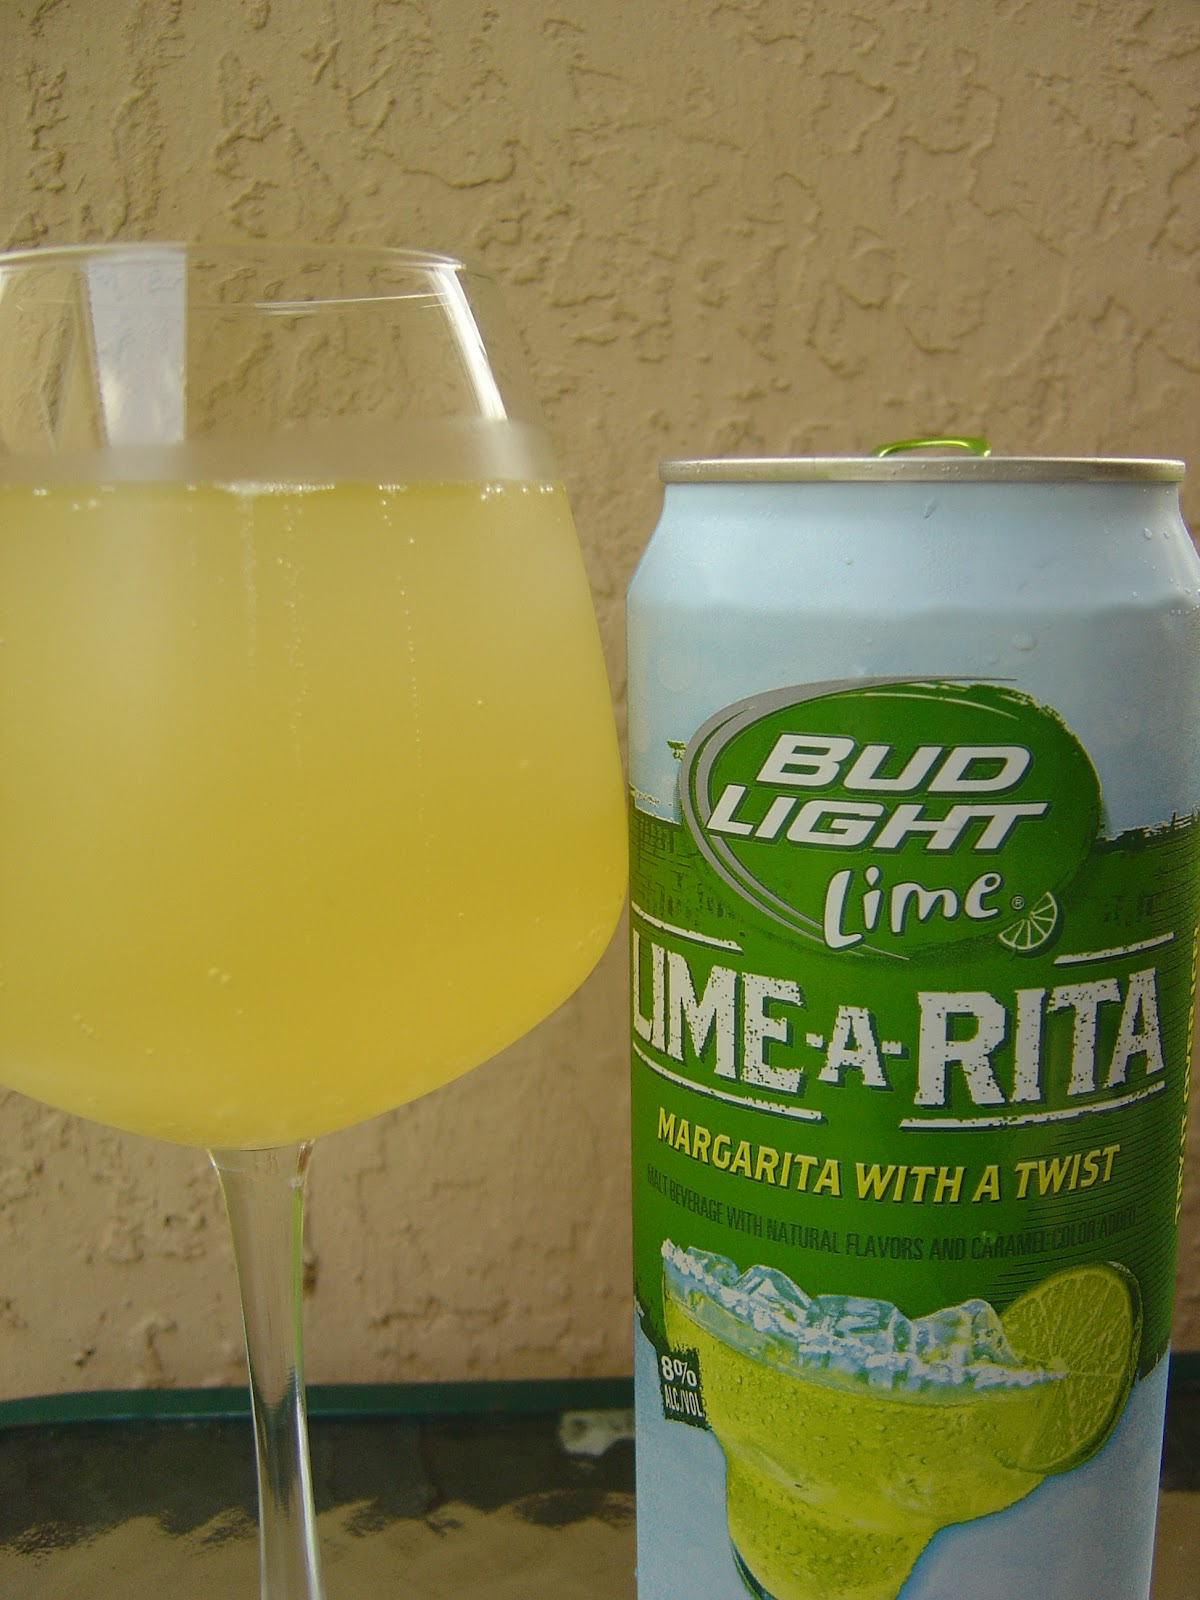 Bud Light Lime Lime A Rita